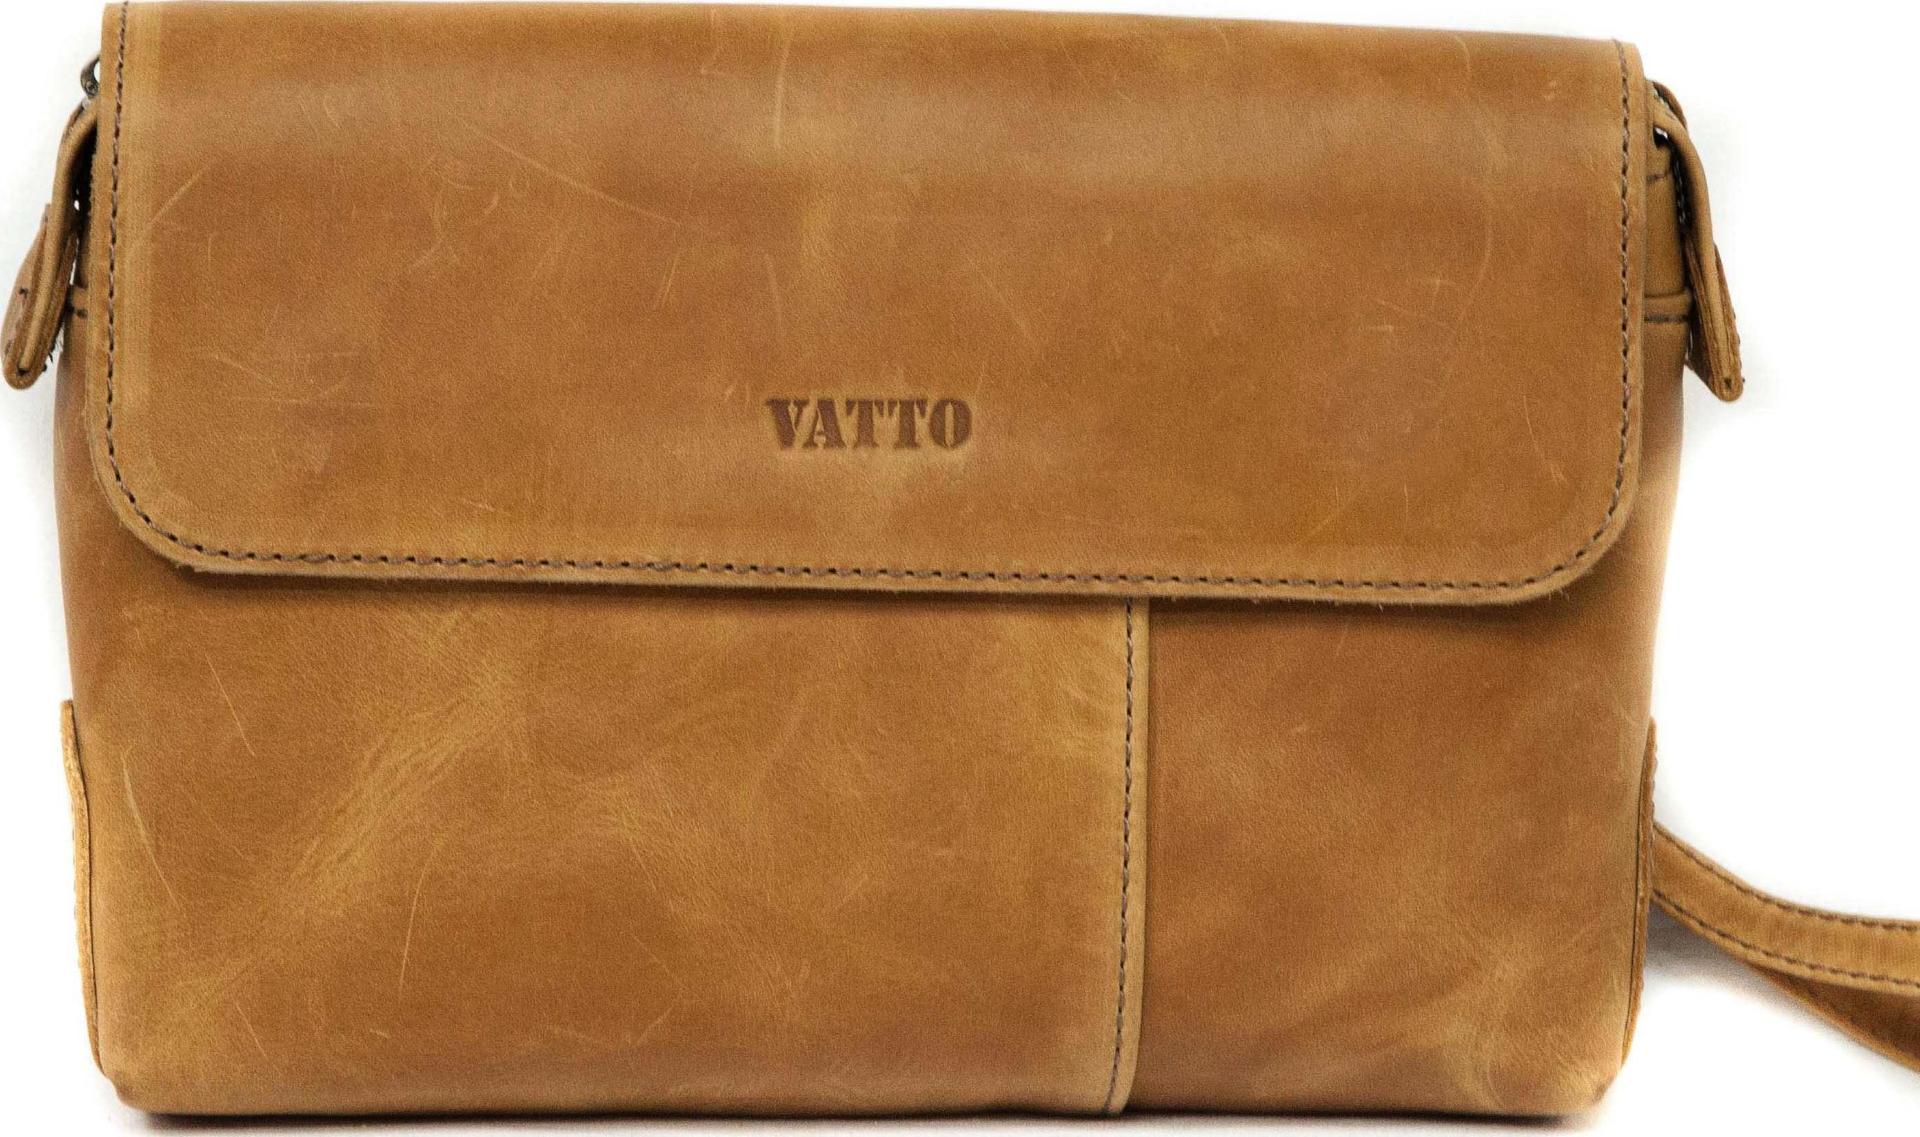 8c18c0d65336 Мужской клатч рыжего цвета VATTO (11941) купить в Киеве, цена | MODNOTAK